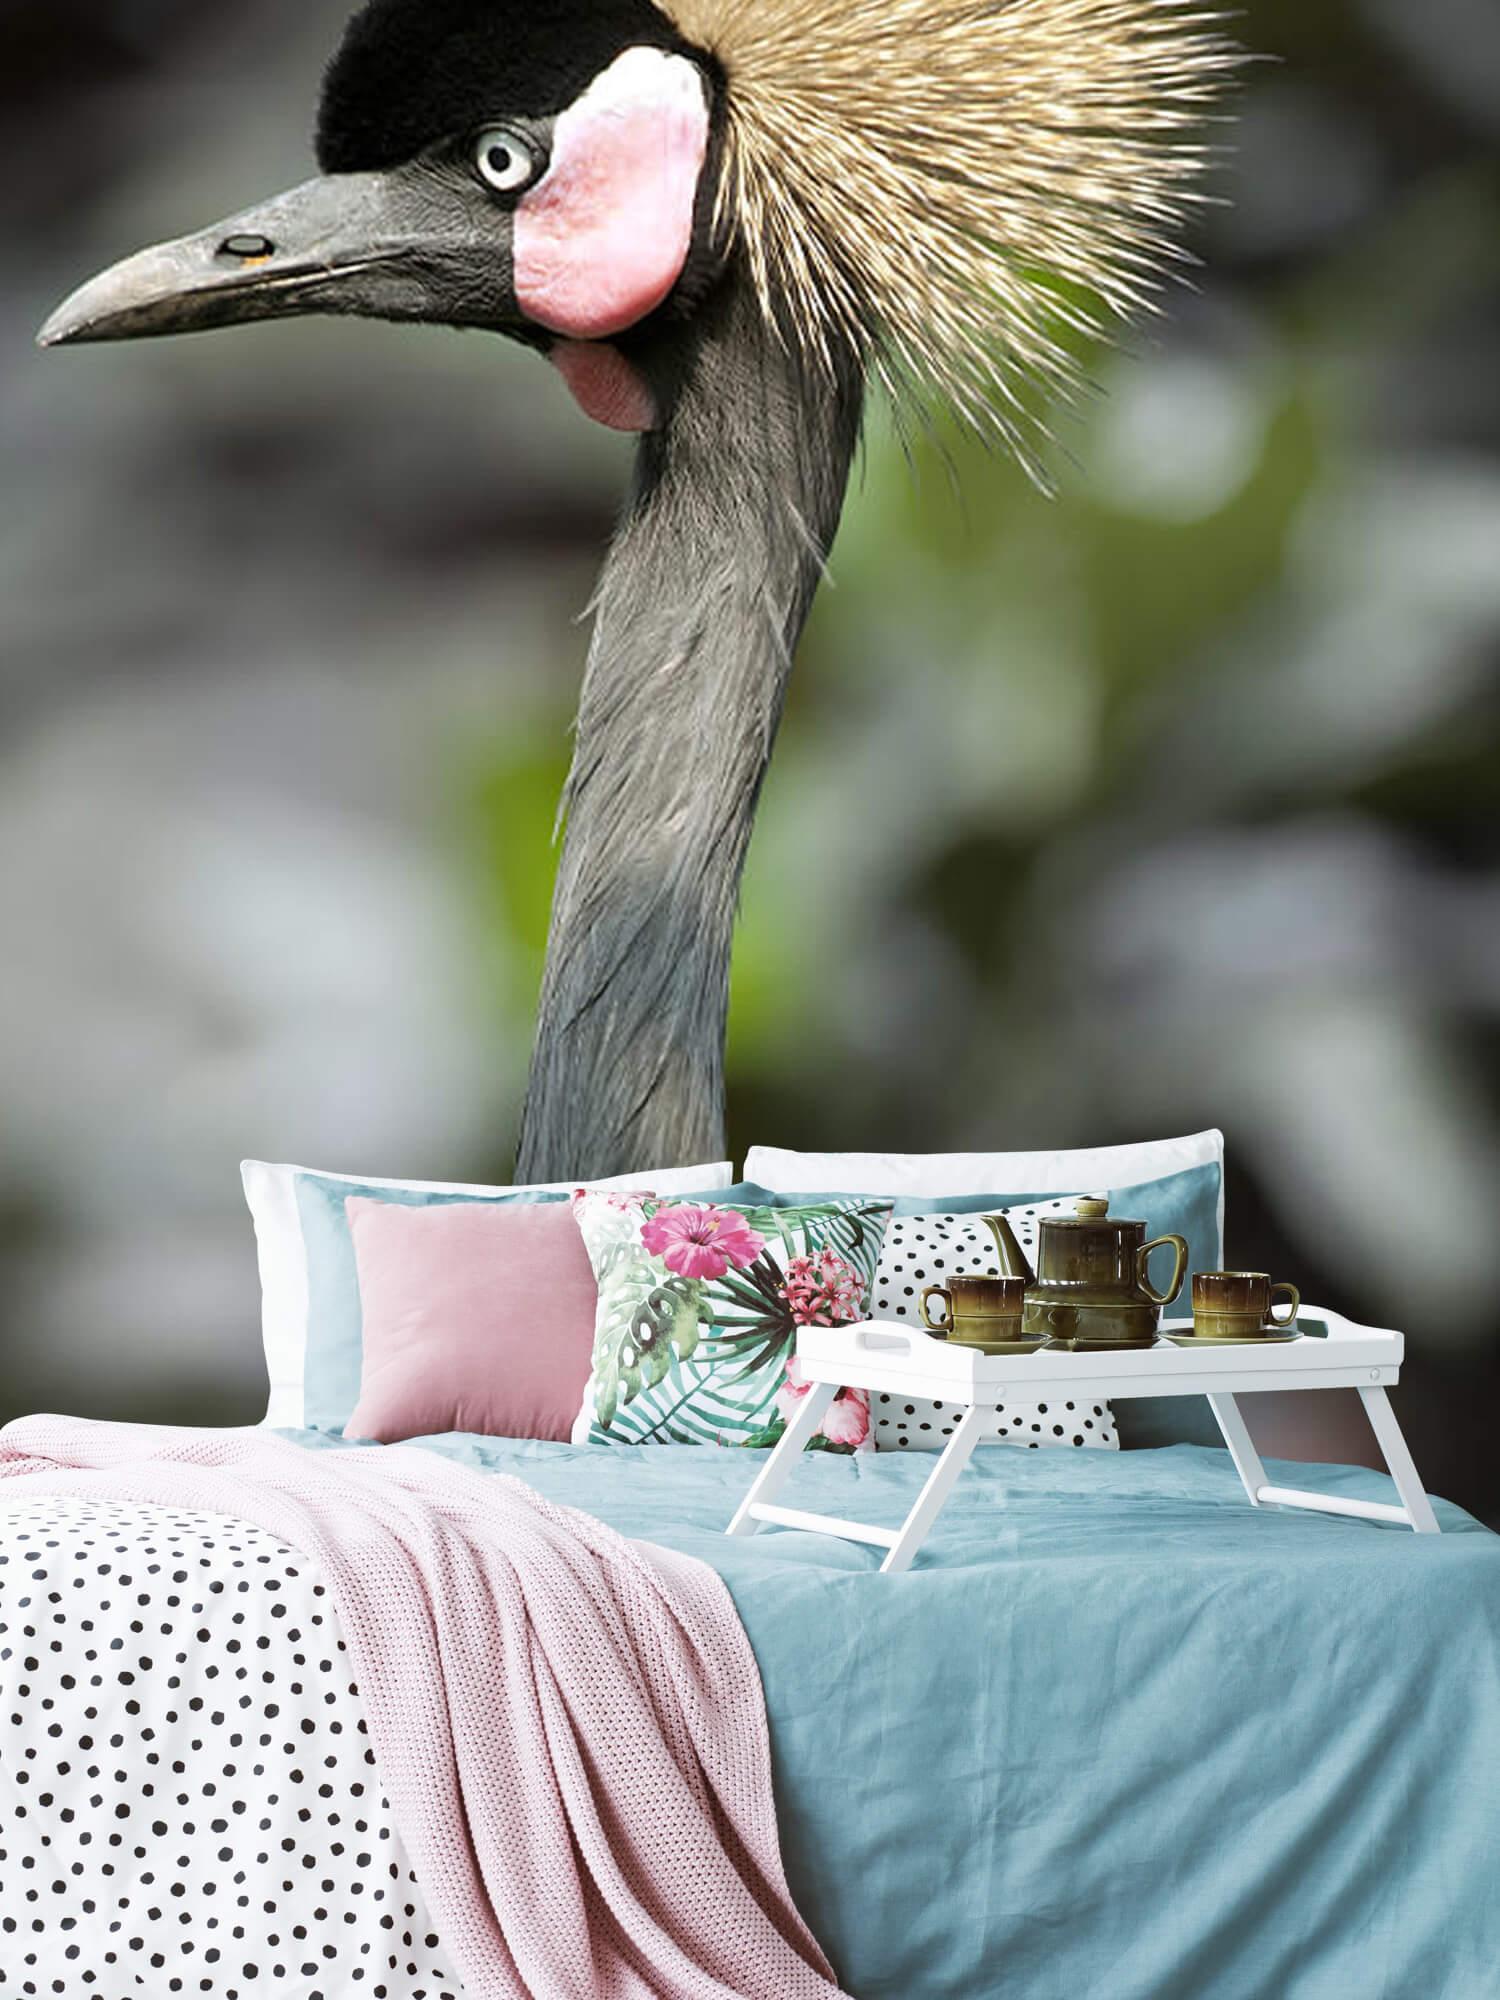 Kraanvogel close-up 2